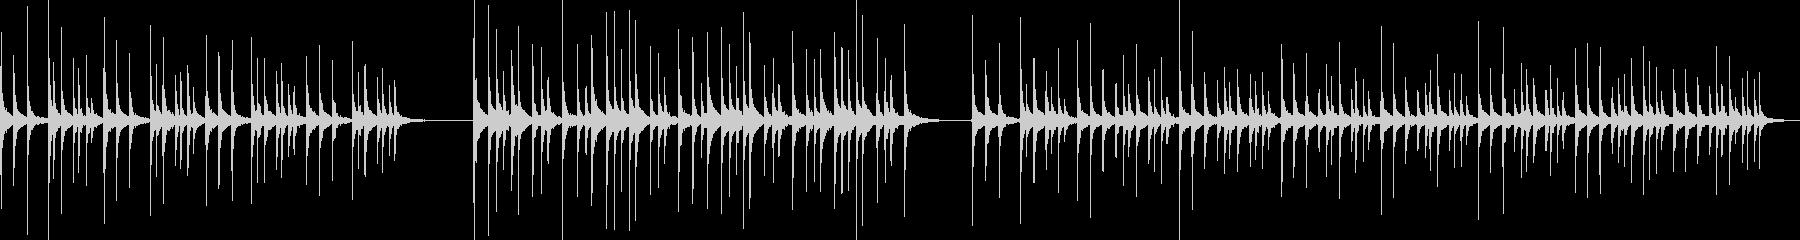 ドラム、トム、ジャングルリズム、3...の未再生の波形